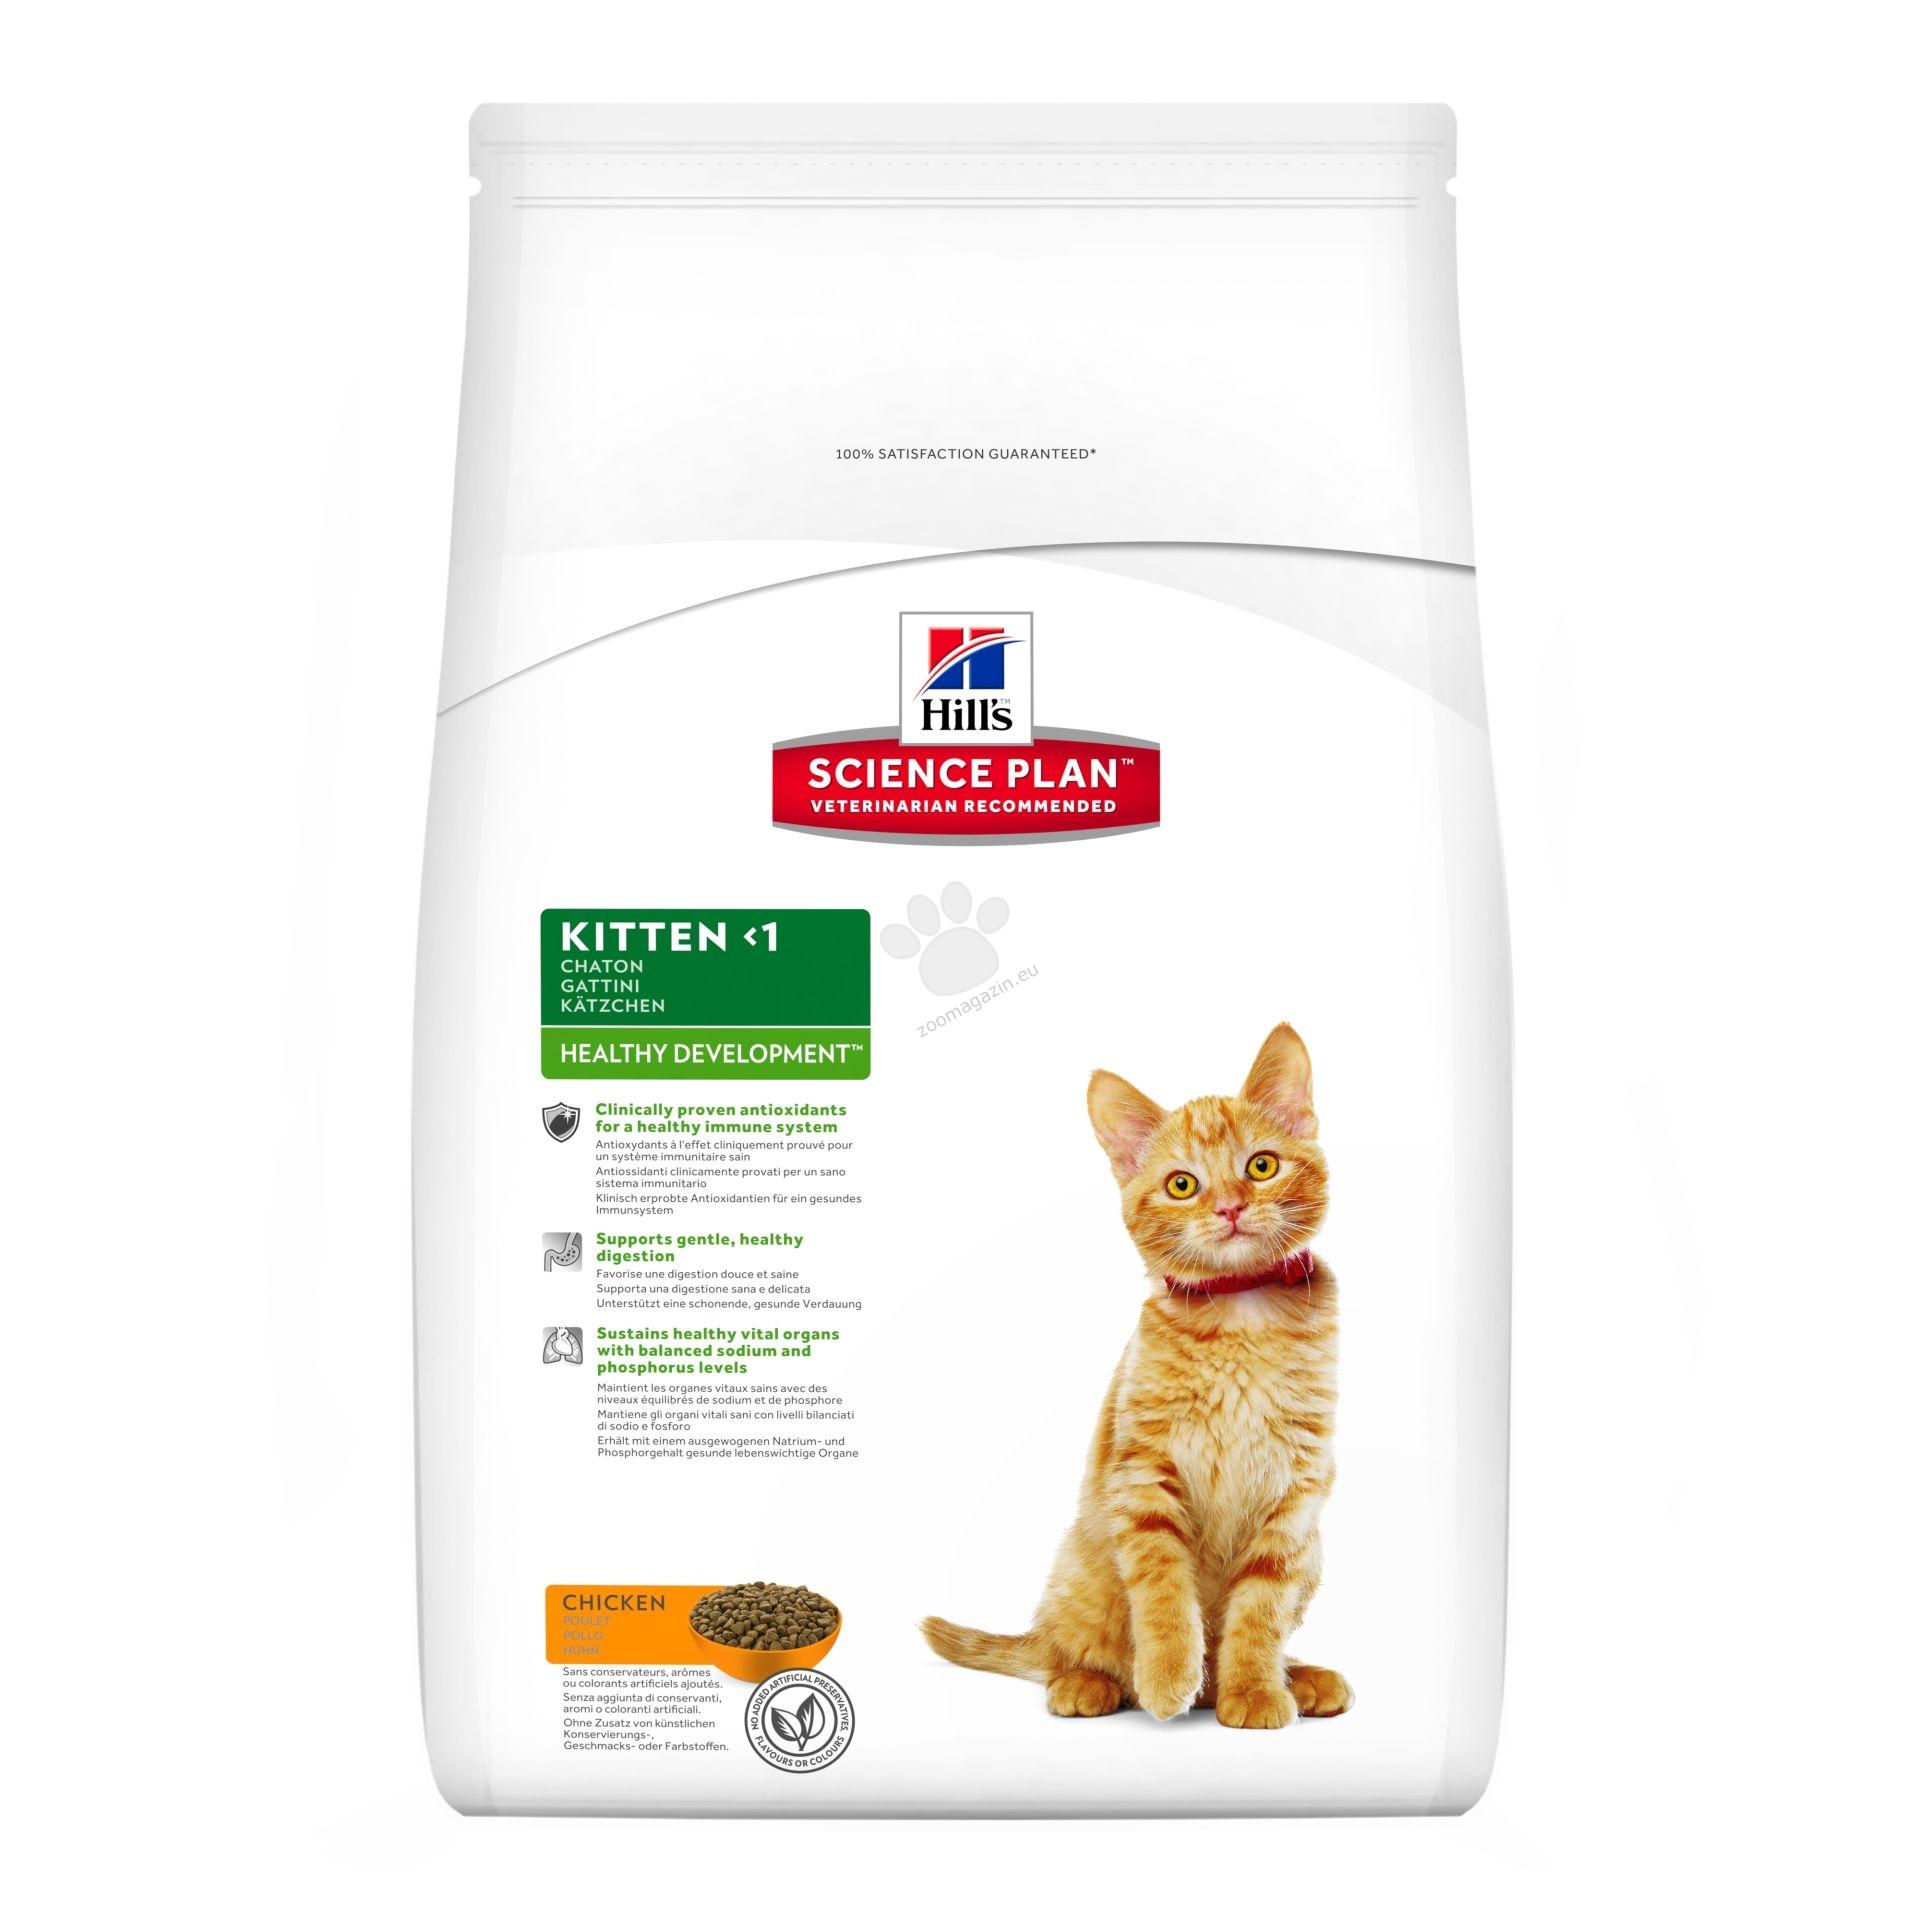 SciencePlan Kitten Healthy Development Chicken - с пилешко месо - Котенца от отбиването до 1 година, котки по време на бременност и кърмене 10 кг. + ПОДАРЪК 36 бр. паучове